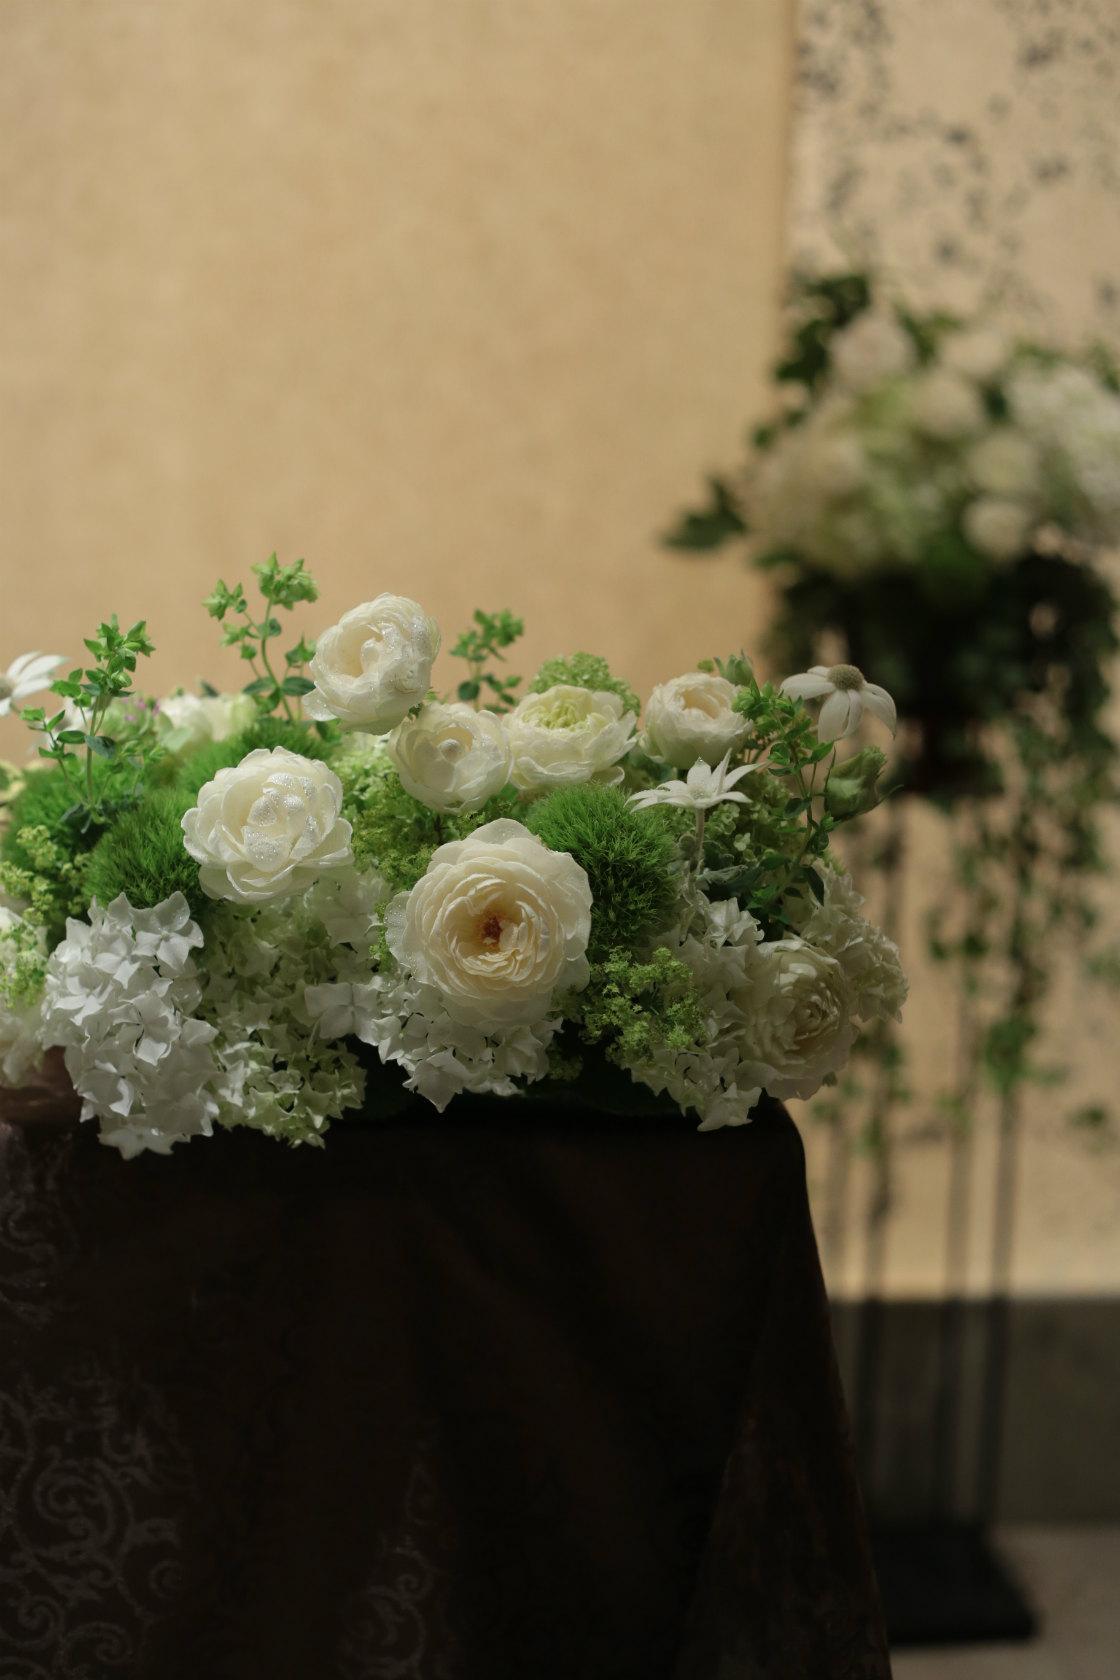 新郎新婦様からのメール 6月の花嫁はうさぎさん1_a0042928_1235571.jpg